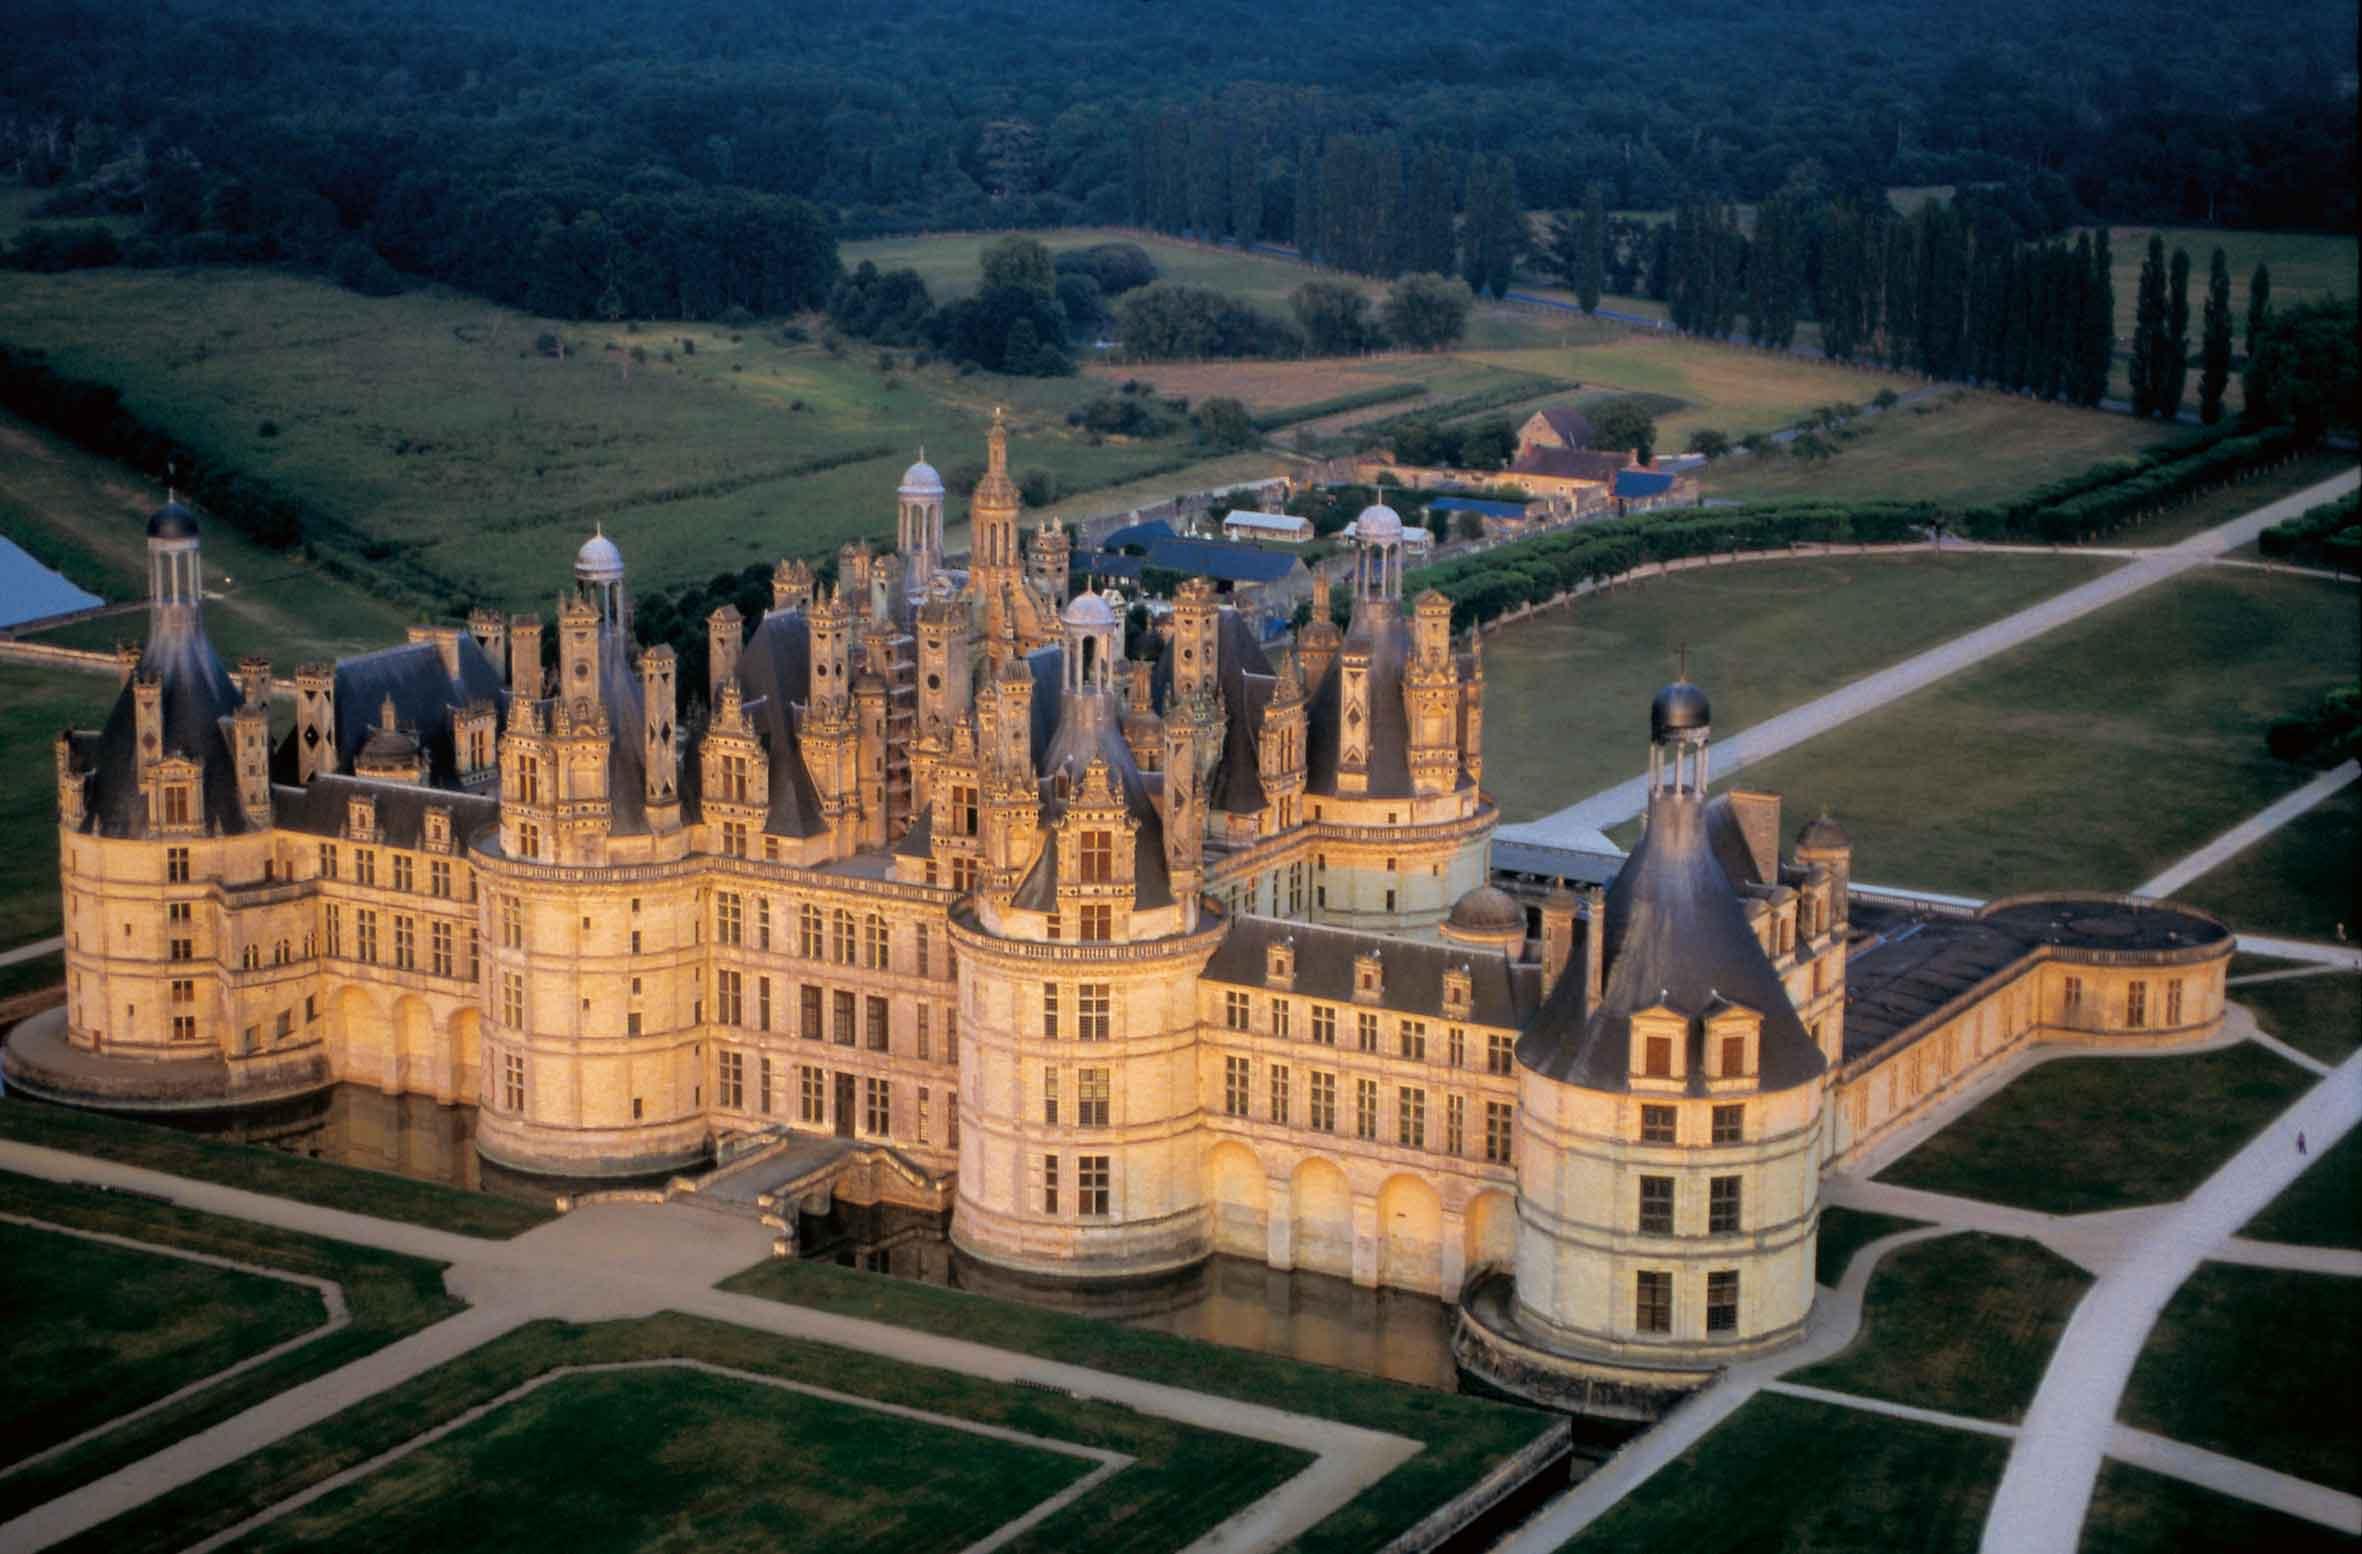 Château-de-Chambord-castle